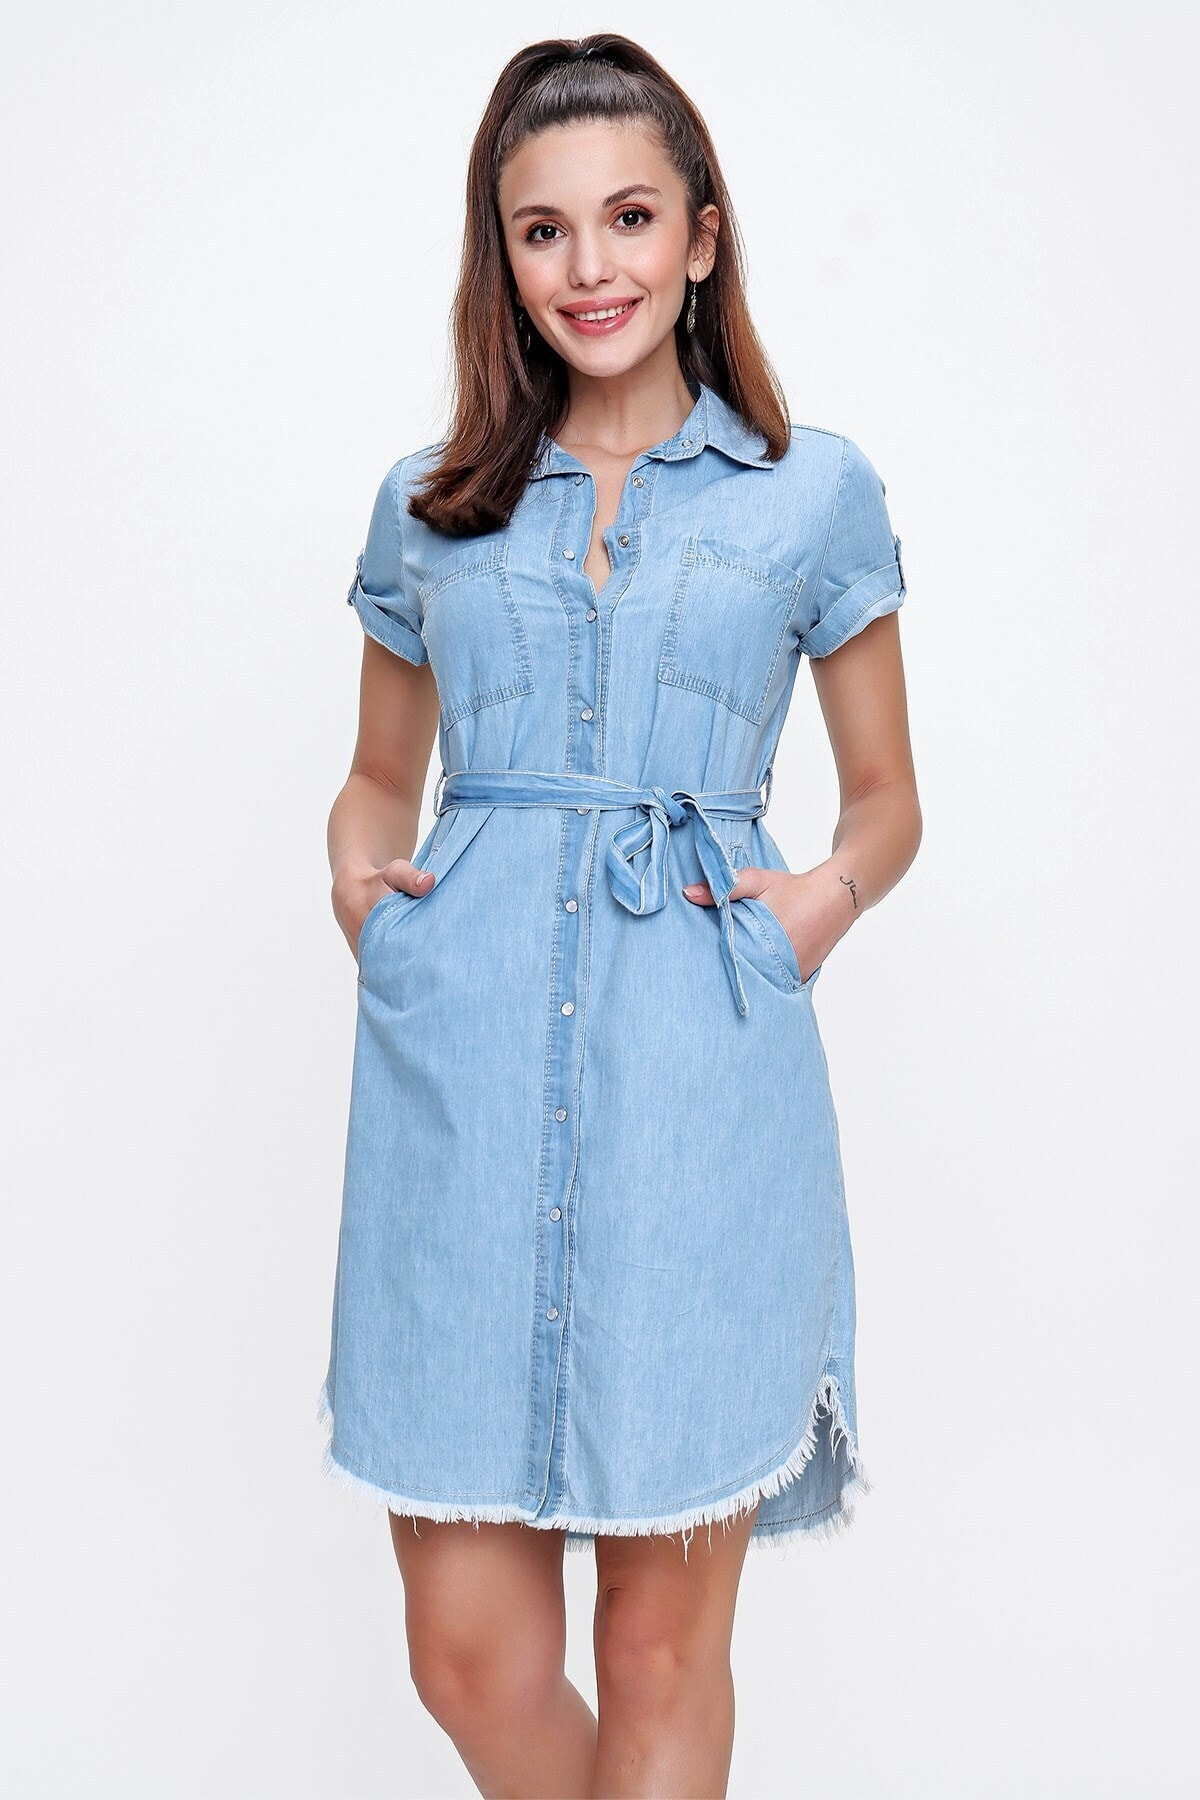 Önü Çıtçıtlı Eteği Püskül Cepli Kuşaklı Kot Elbise A.mavi